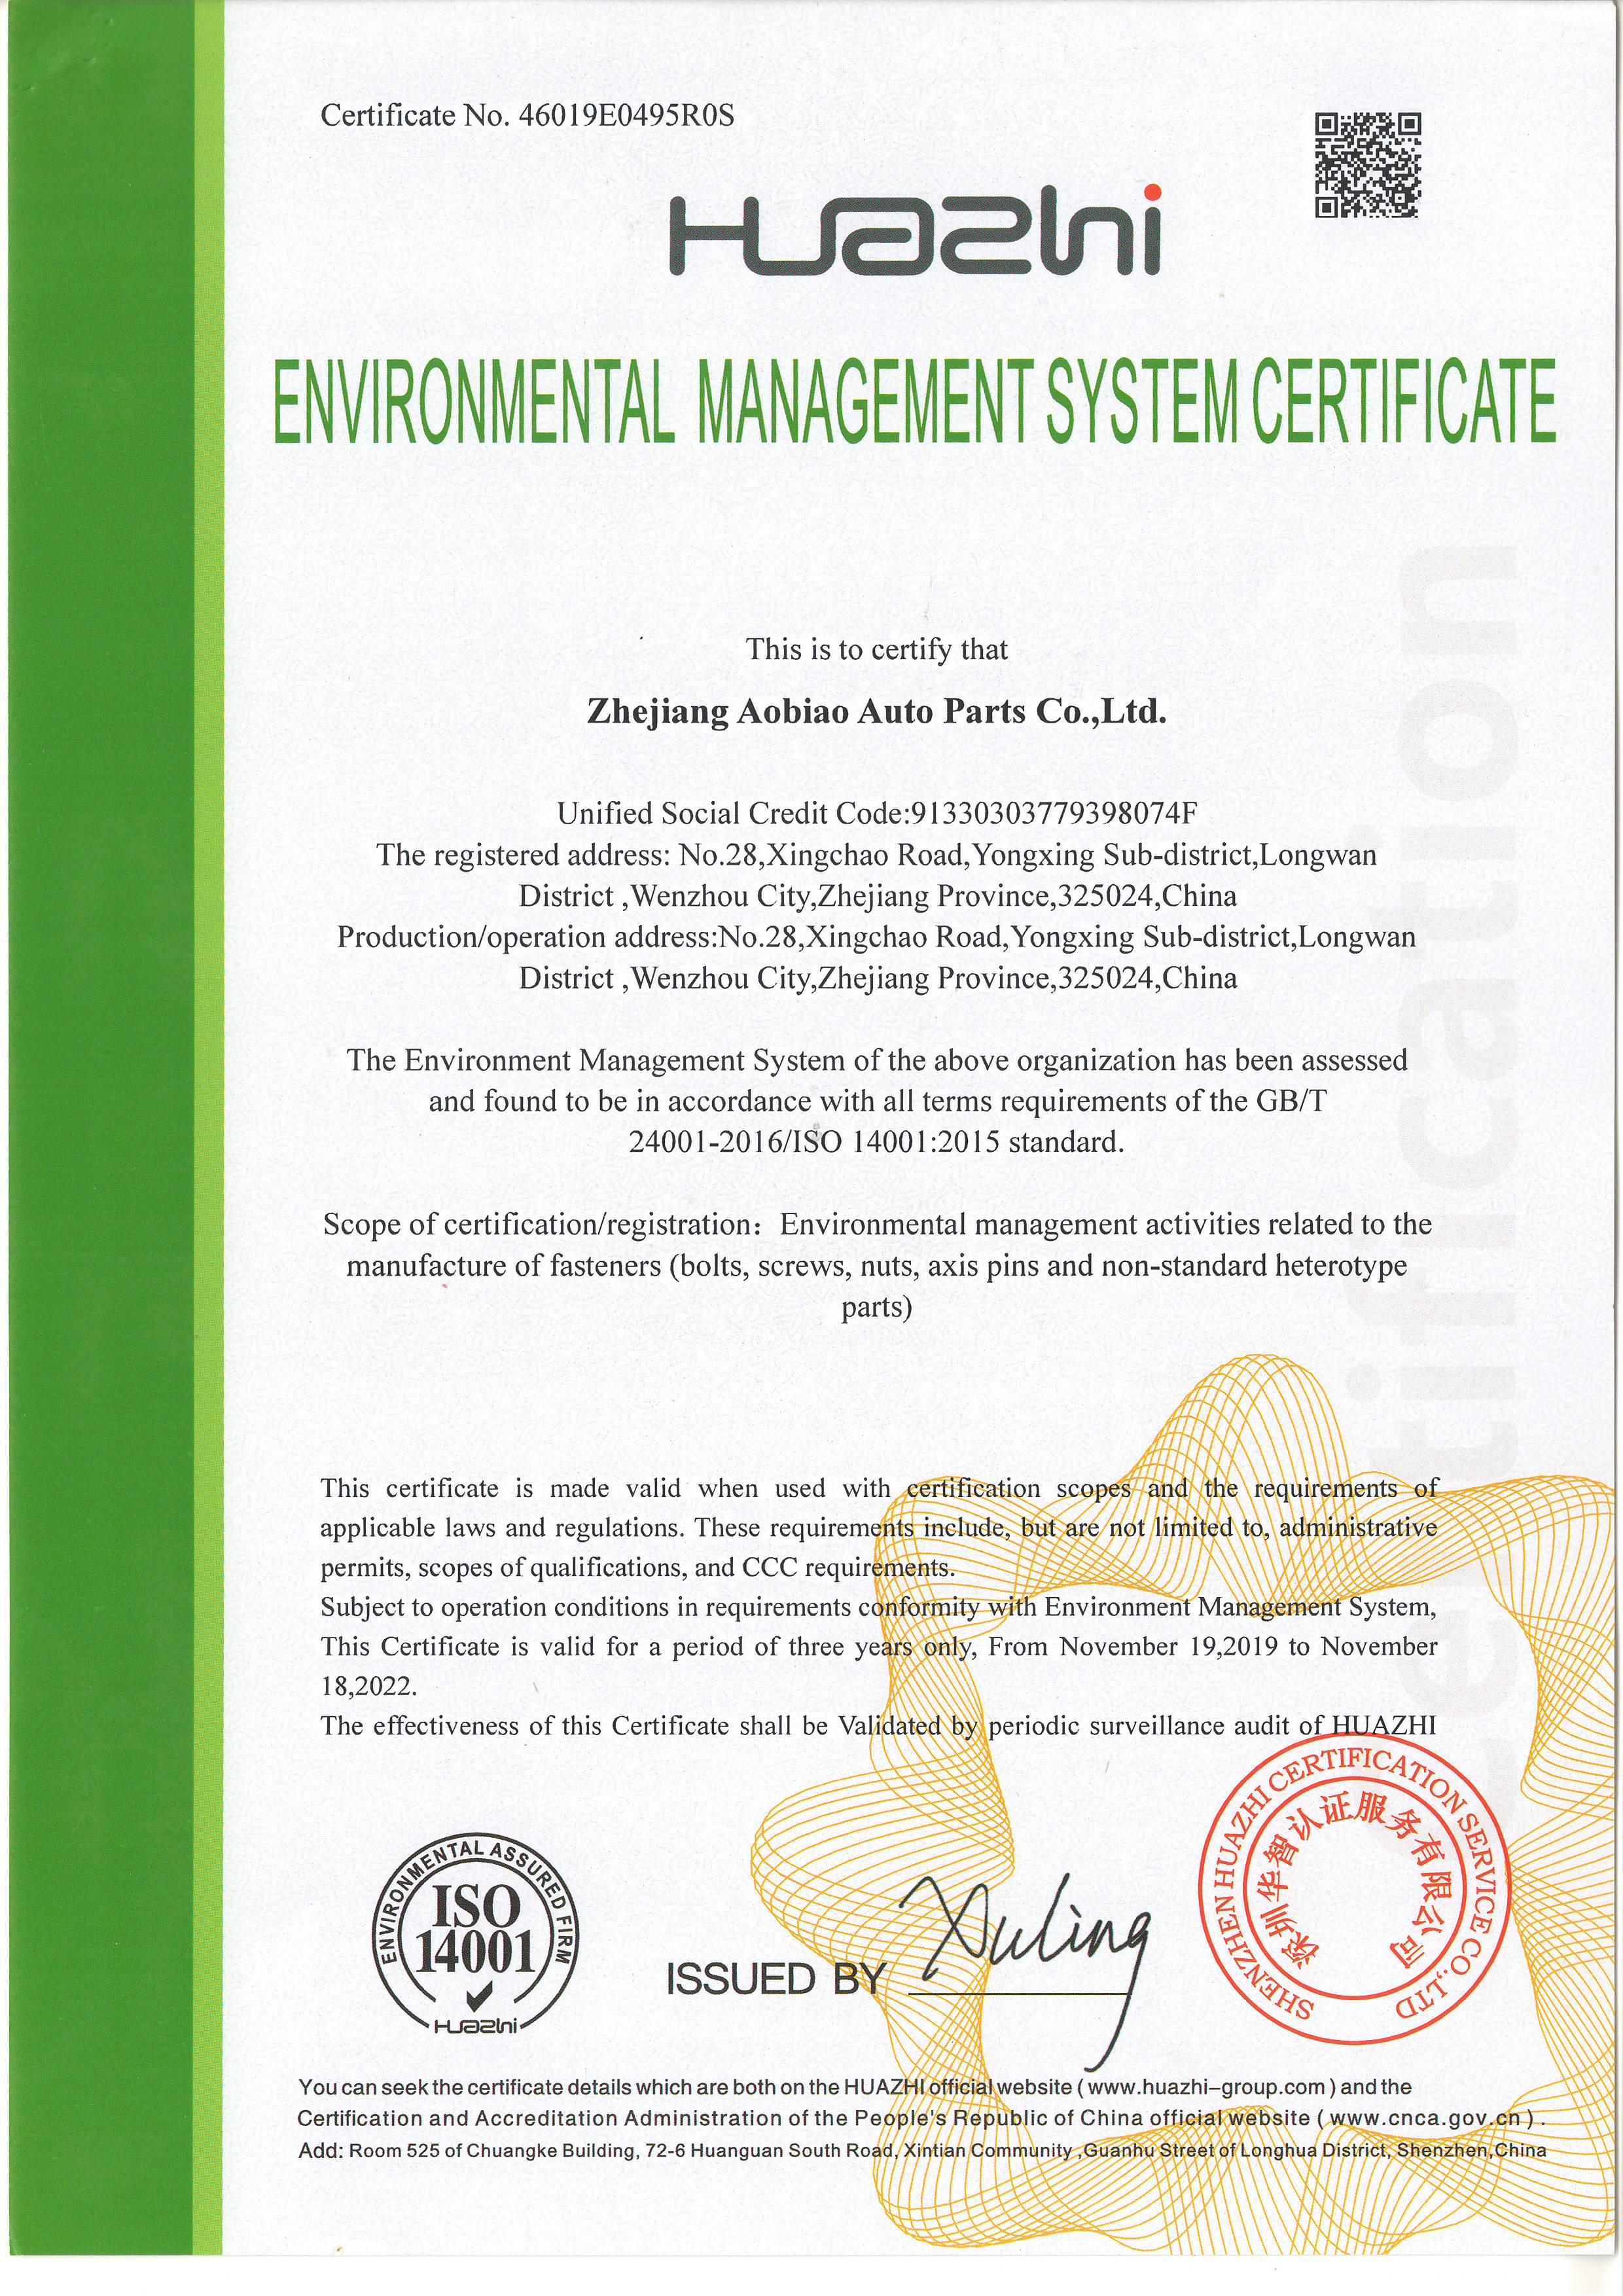 環境管理體系認證證書(英文)